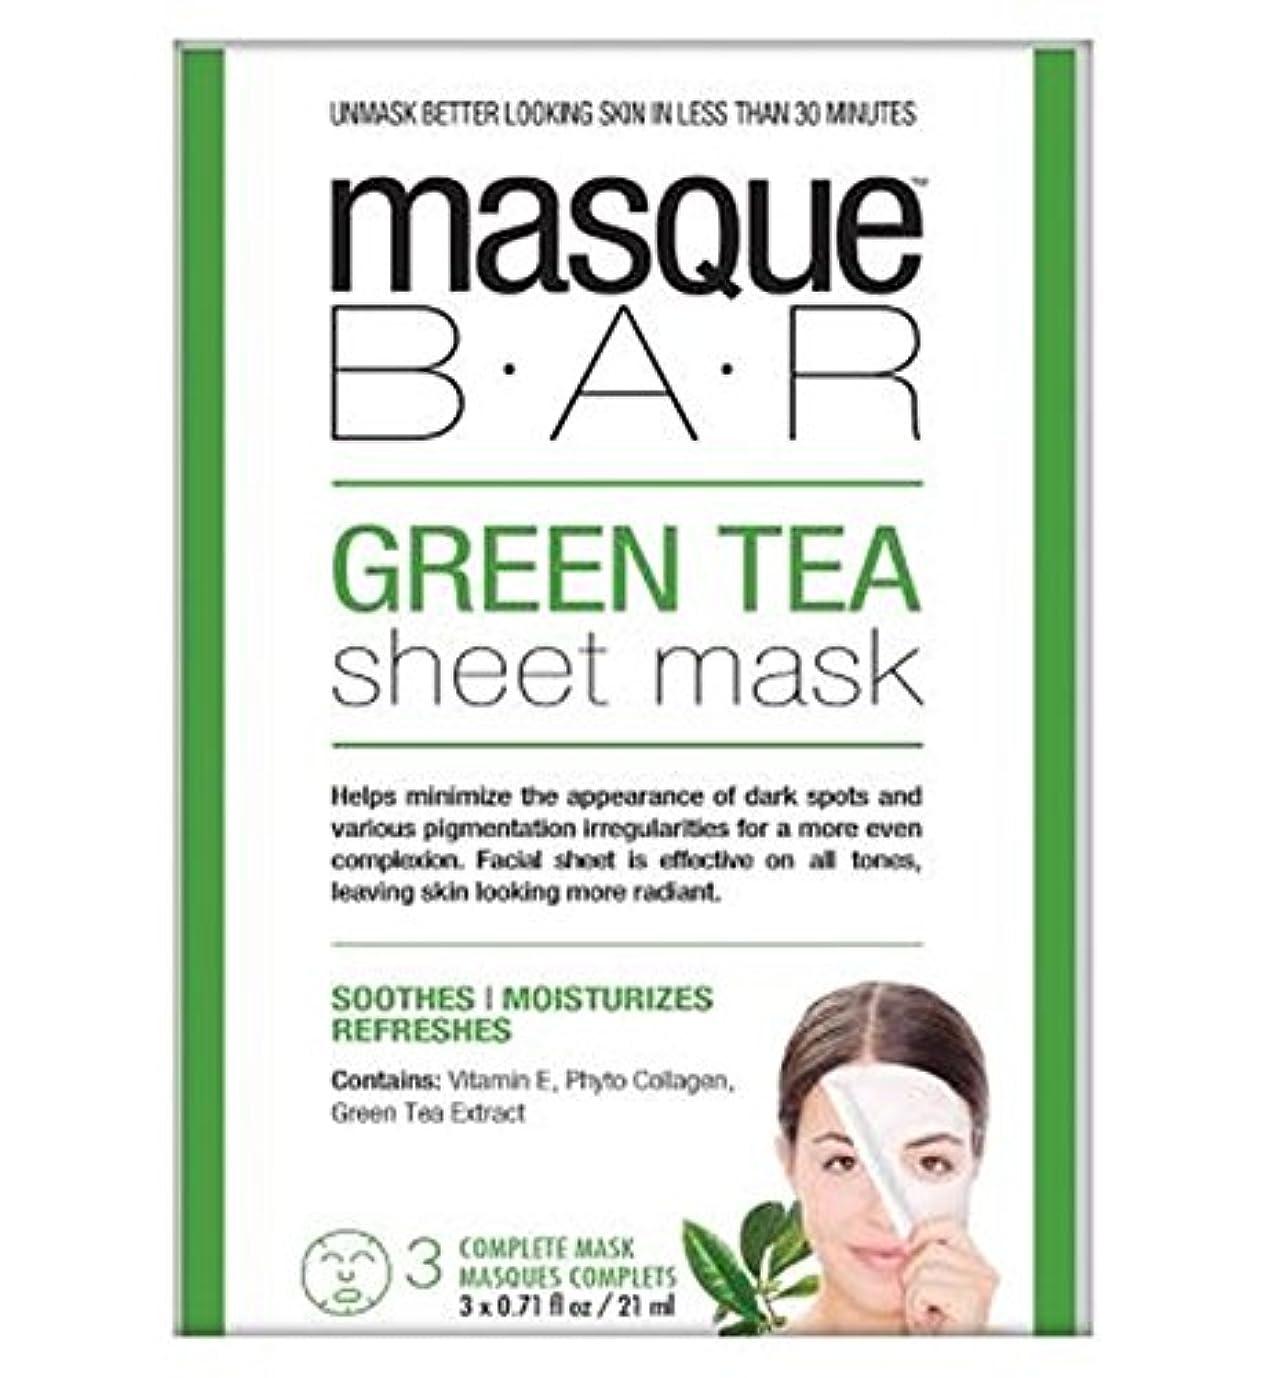 ジョブ貞食用仮面劇バー緑茶シートマスク - 3完全なマスク (P6B Masque Bar Bt) (x2) - Masque Bar Green Tea Sheet Mask - 3 complete masks (Pack of 2) [並行輸入品]